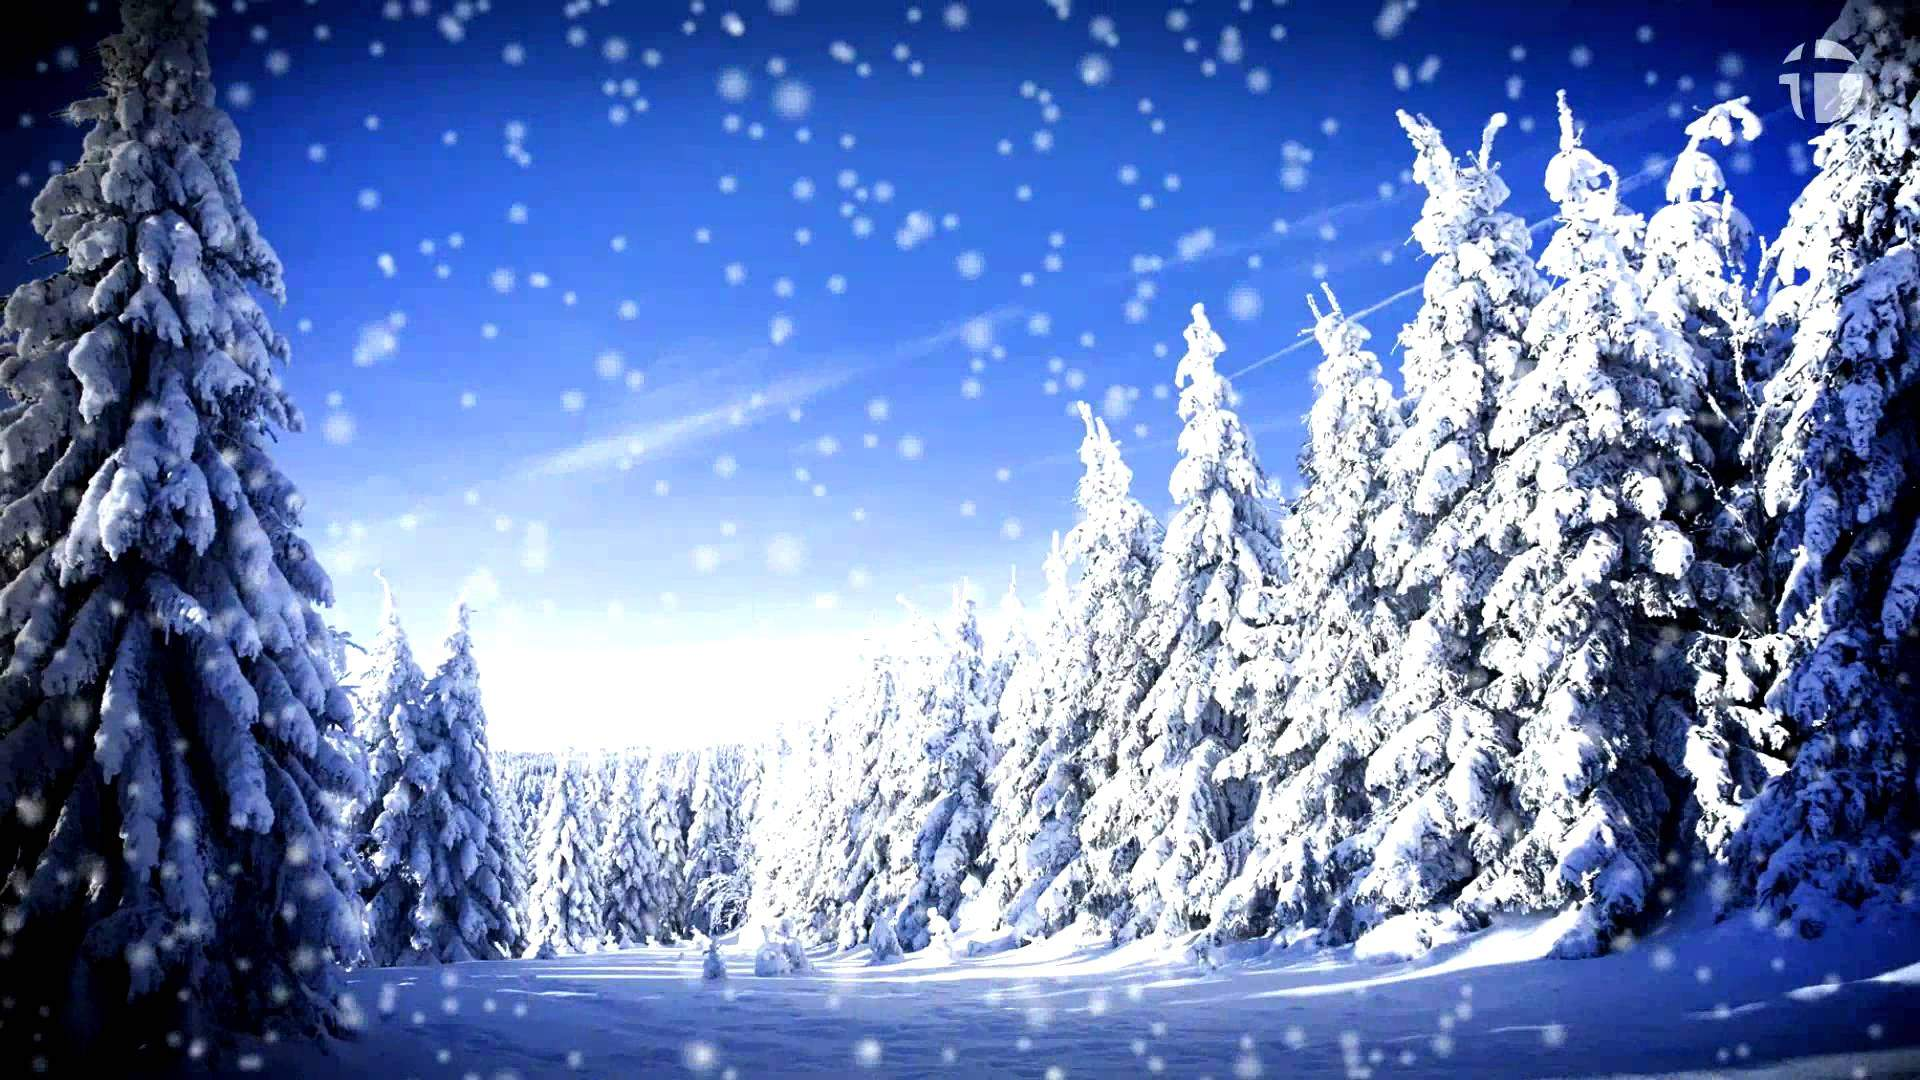 анимационные картинки для рабочего стола зима предварительной